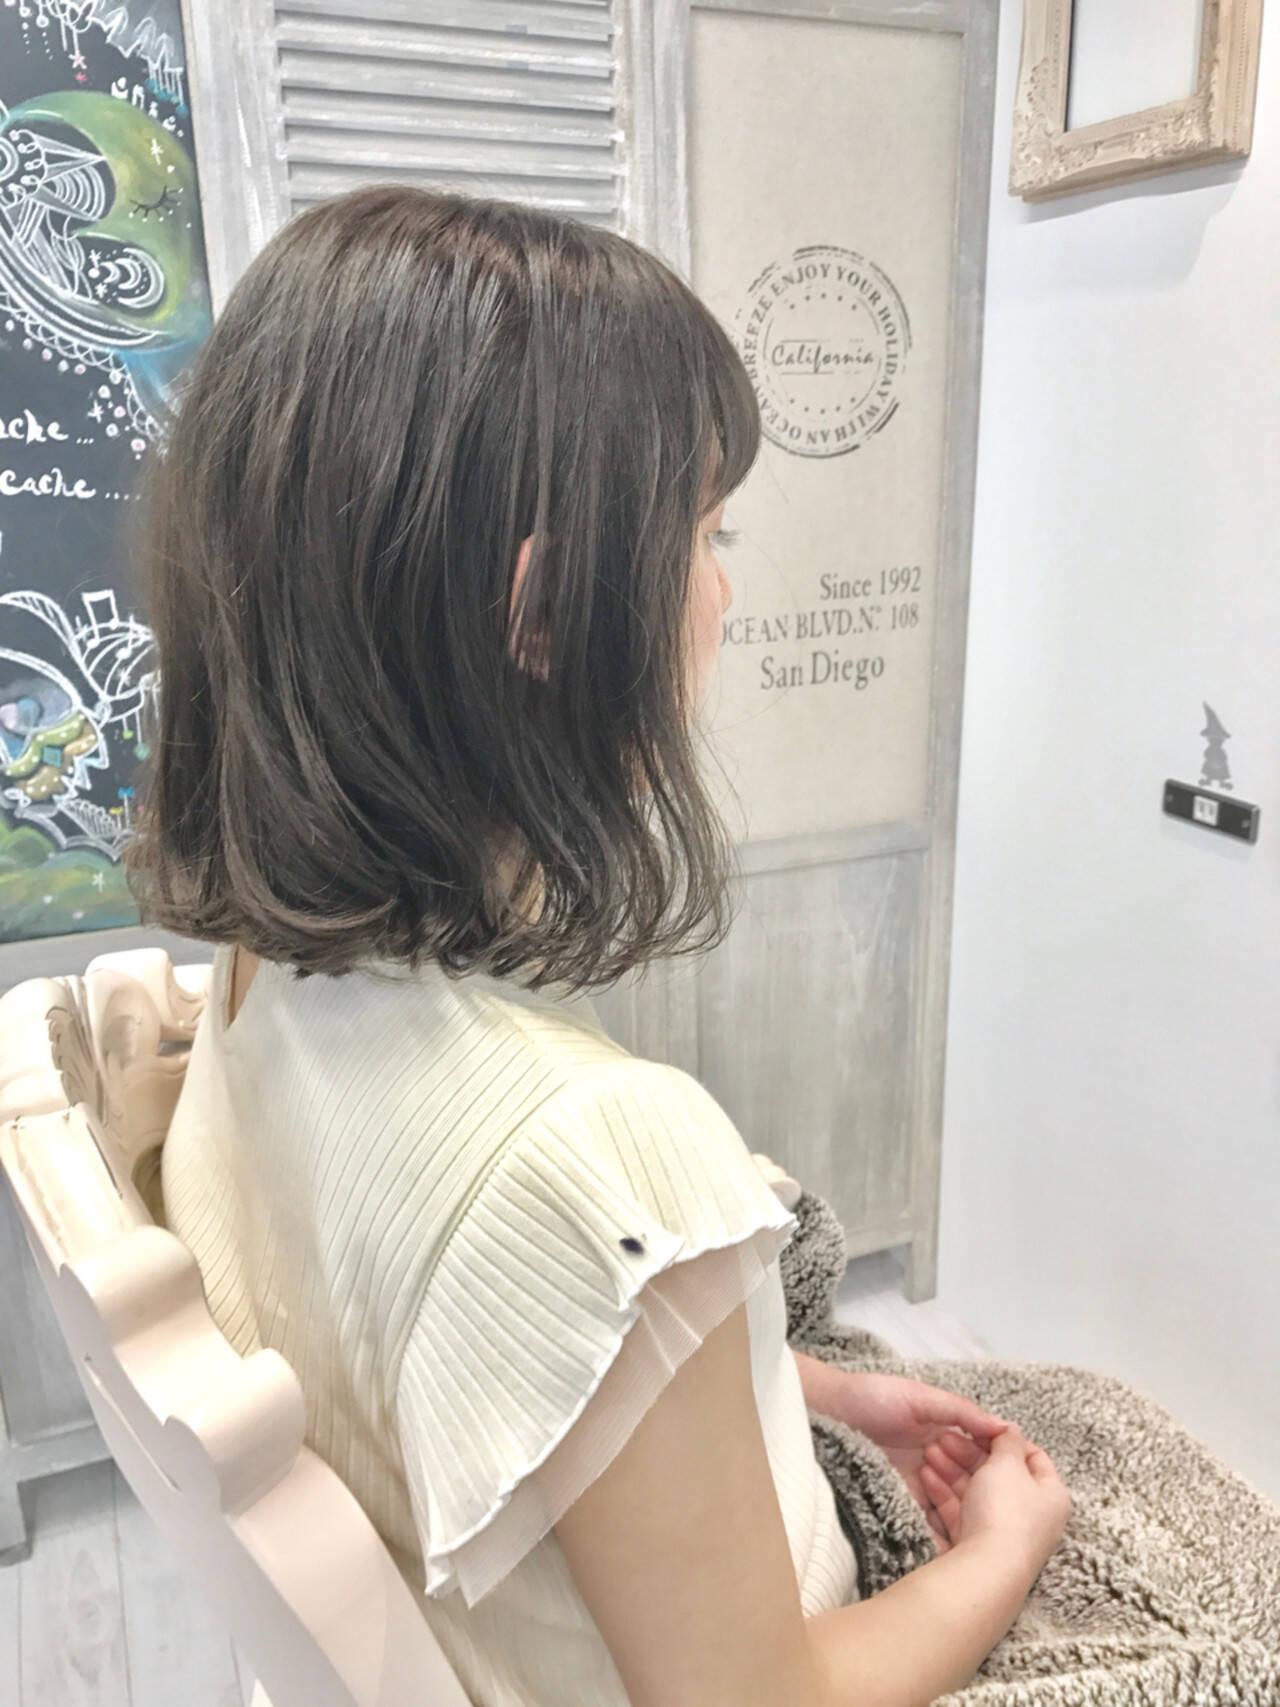 ミディアム ボブ アンニュイ 雨の日ヘアスタイルや髪型の写真・画像